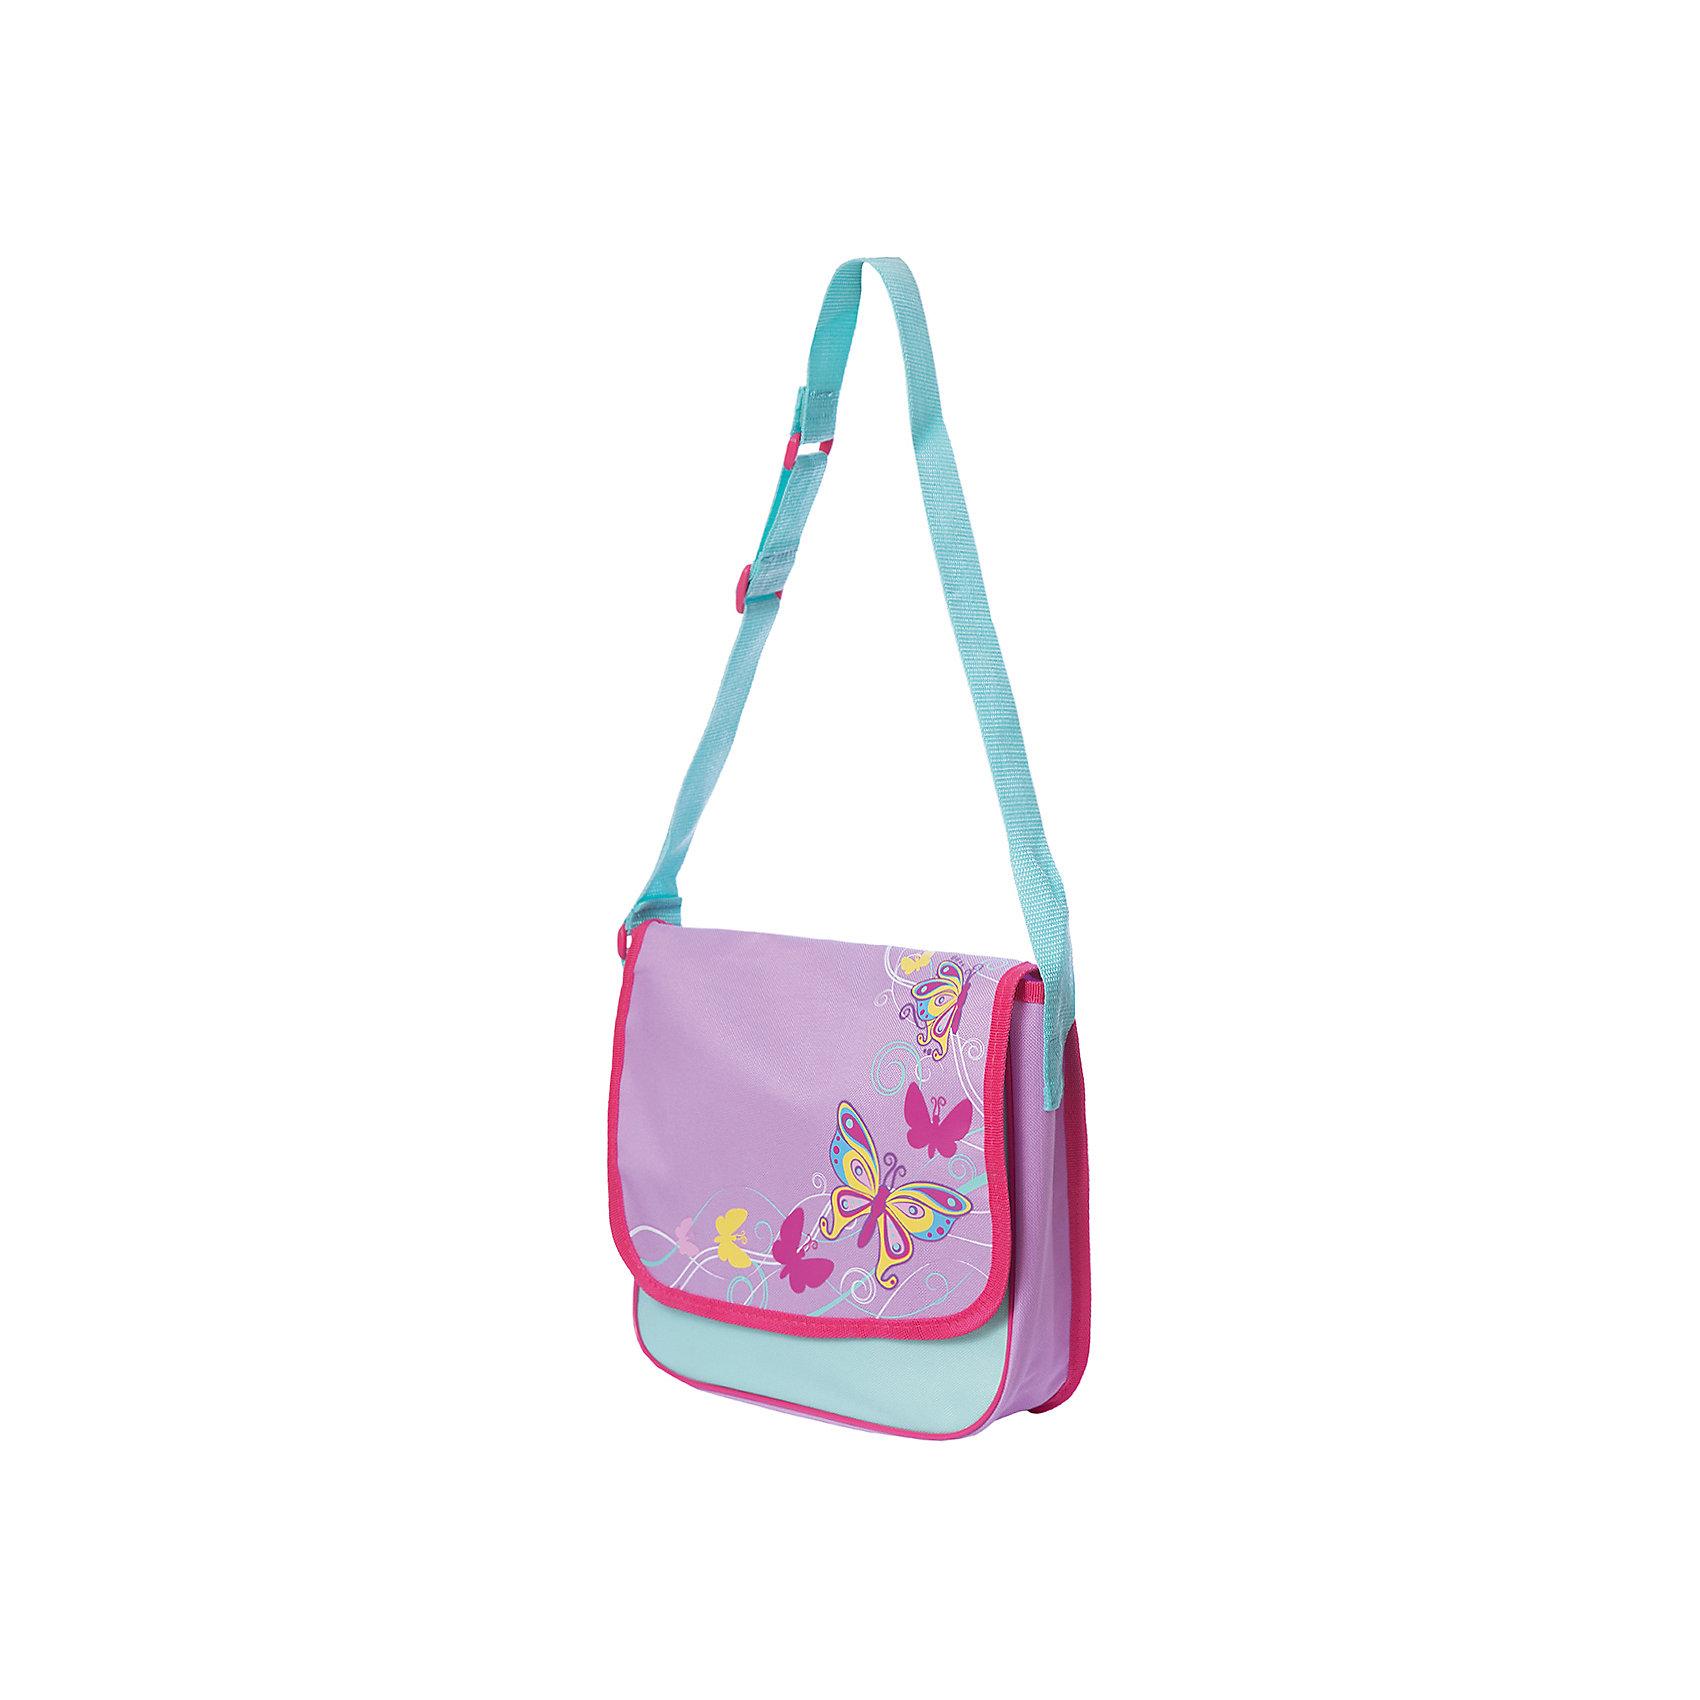 Сумка Бабочки 30*8*24 см.Детские сумки<br>Бабочки - это сумочка для девочек от компании Mary Poppins с одной наплечной лямкой и клапаном. Клапан с лицевой стороны украшен ярким принтом с крупными разноцветными бабочками. Стильная сумка достаточно вместительна, чтобы девочке было удобно носить в ней личные вещи, гаджеты, школьные принадлежности и предметы одежды. Интересное сочетание цветов и современный дизайн сумки обязательно привлекут внимание юных модниц.<br>Лидеры продаж Сумки<br><br>Ширина мм: 300<br>Глубина мм: 240<br>Высота мм: 800<br>Вес г: 168<br>Возраст от месяцев: 36<br>Возраст до месяцев: 2147483647<br>Пол: Женский<br>Возраст: Детский<br>SKU: 5508549